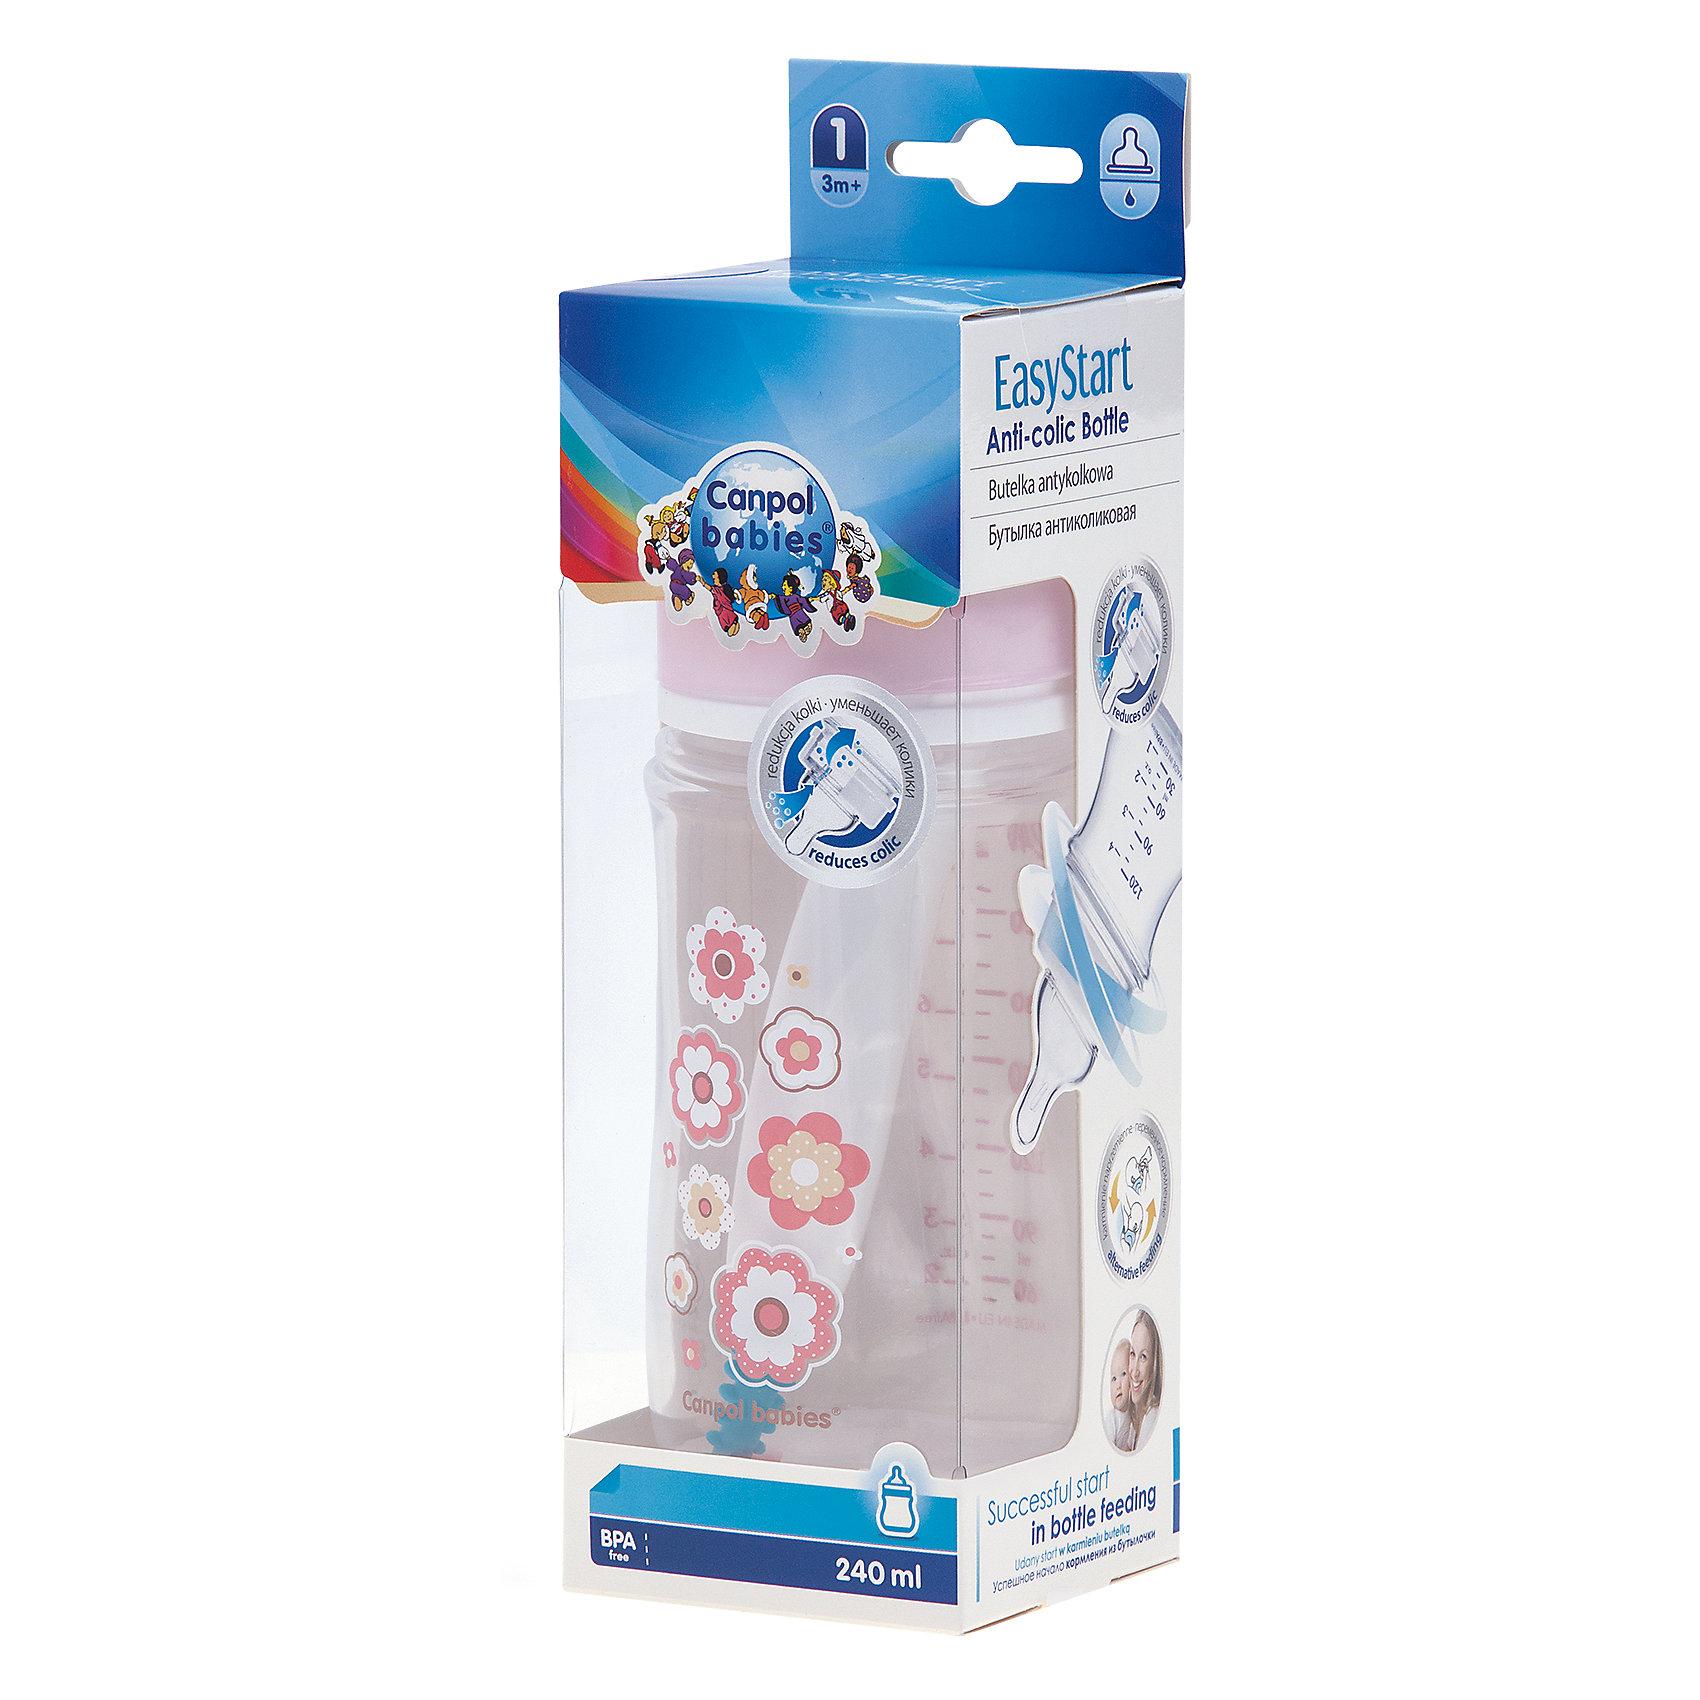 Бутылочка PP EasyStart с широким горлышком антиколиковая, 240 мл, 3+ Newborn baby, Canpol Babies, розовый